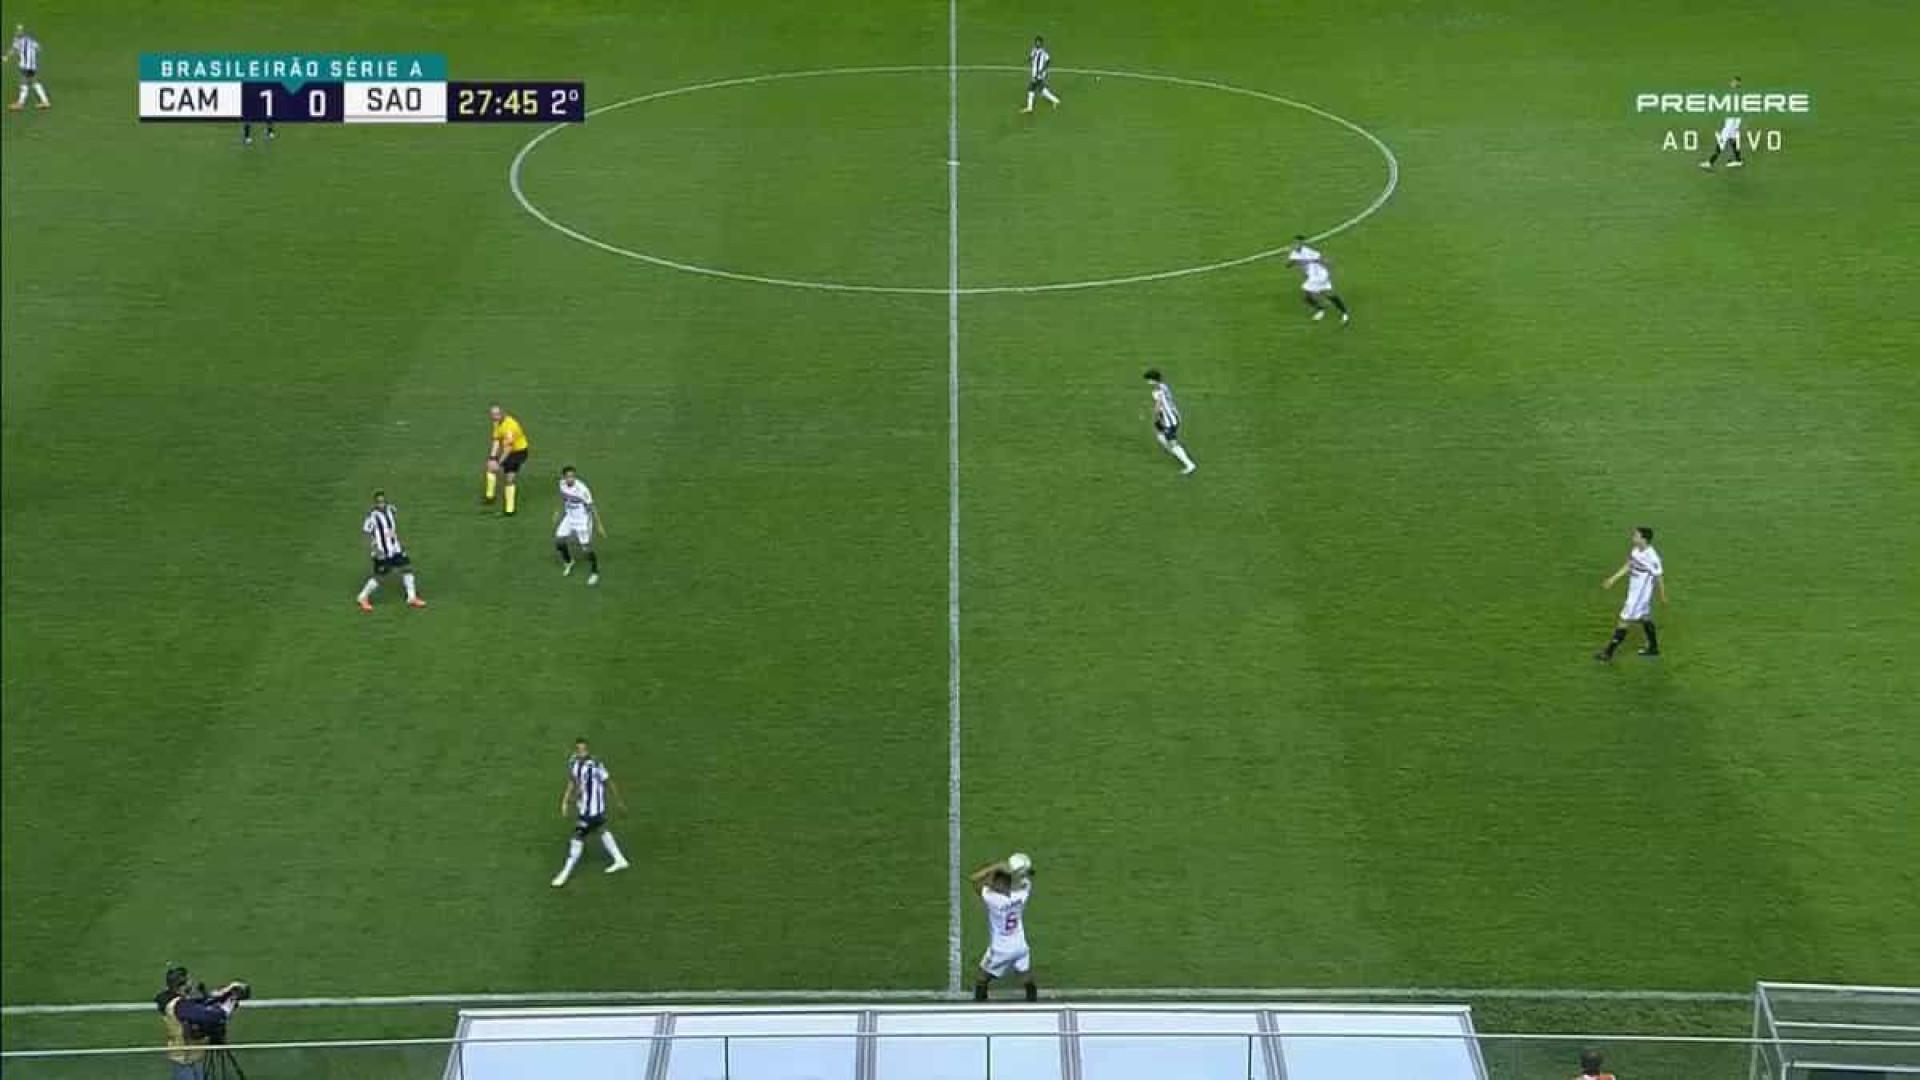 Alexandre Pato, lembra-se dele? Marcou e deu empate ao São Paulo